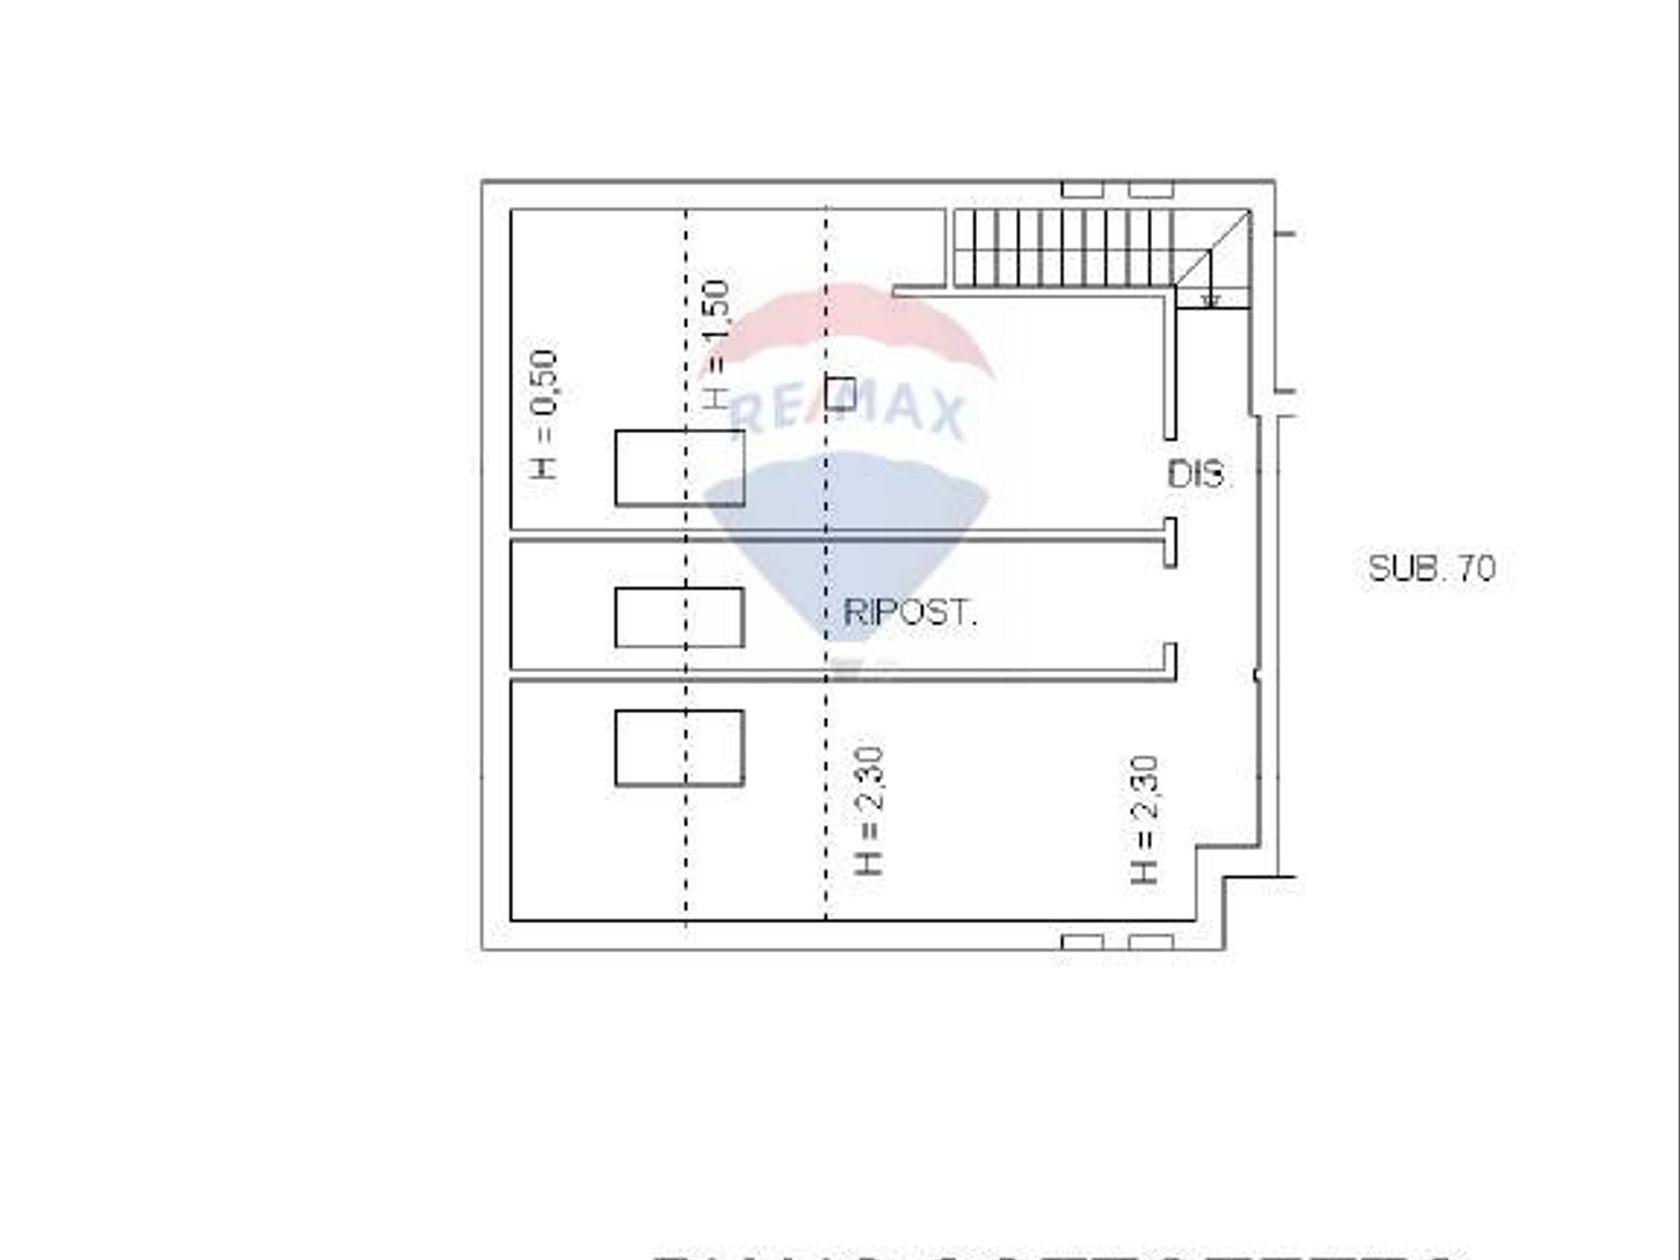 Attico/Mansarda Carrara, MS Vendita - Planimetria 2